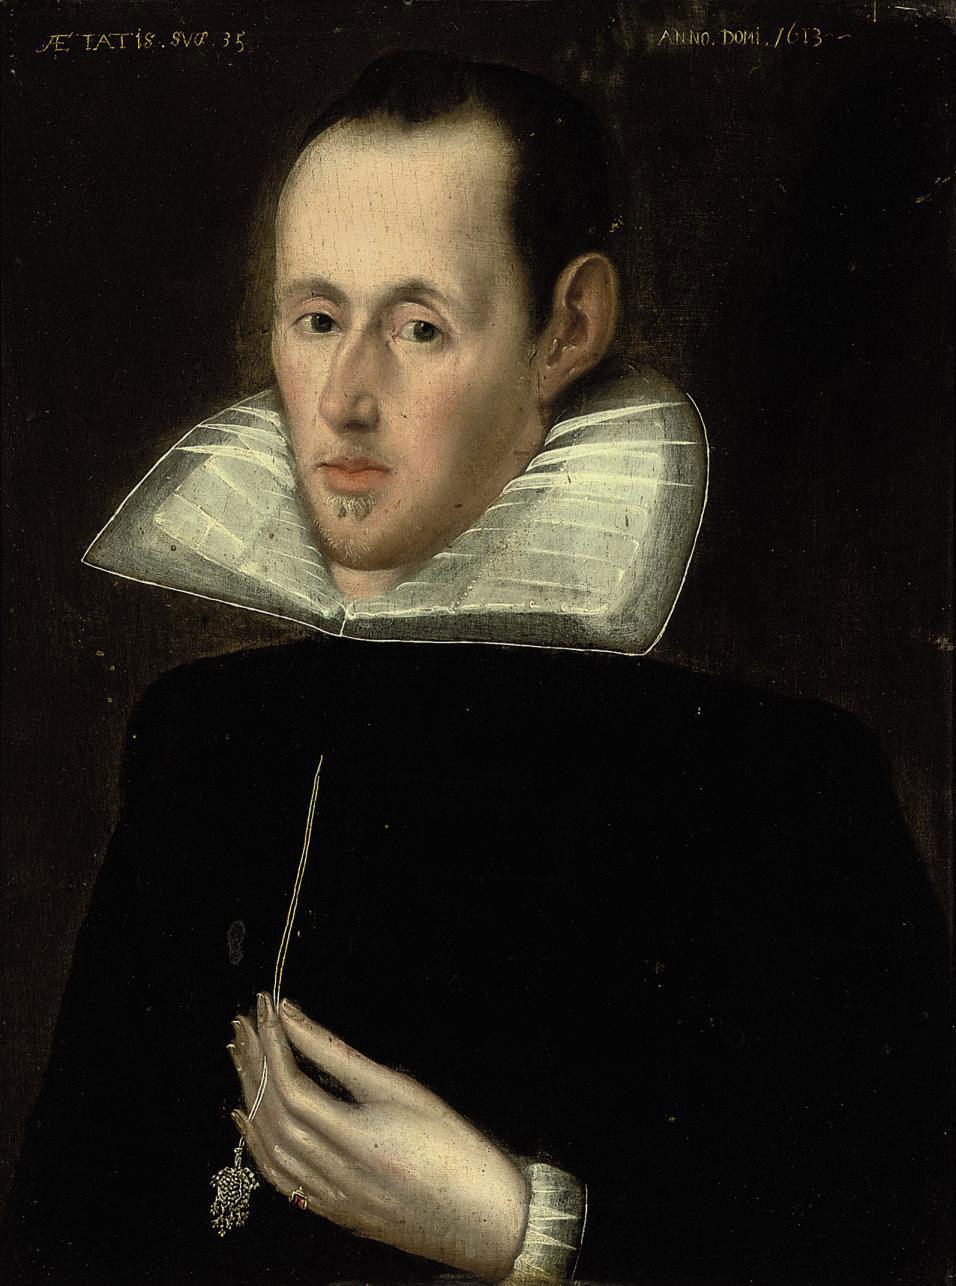 English School, c. 1613